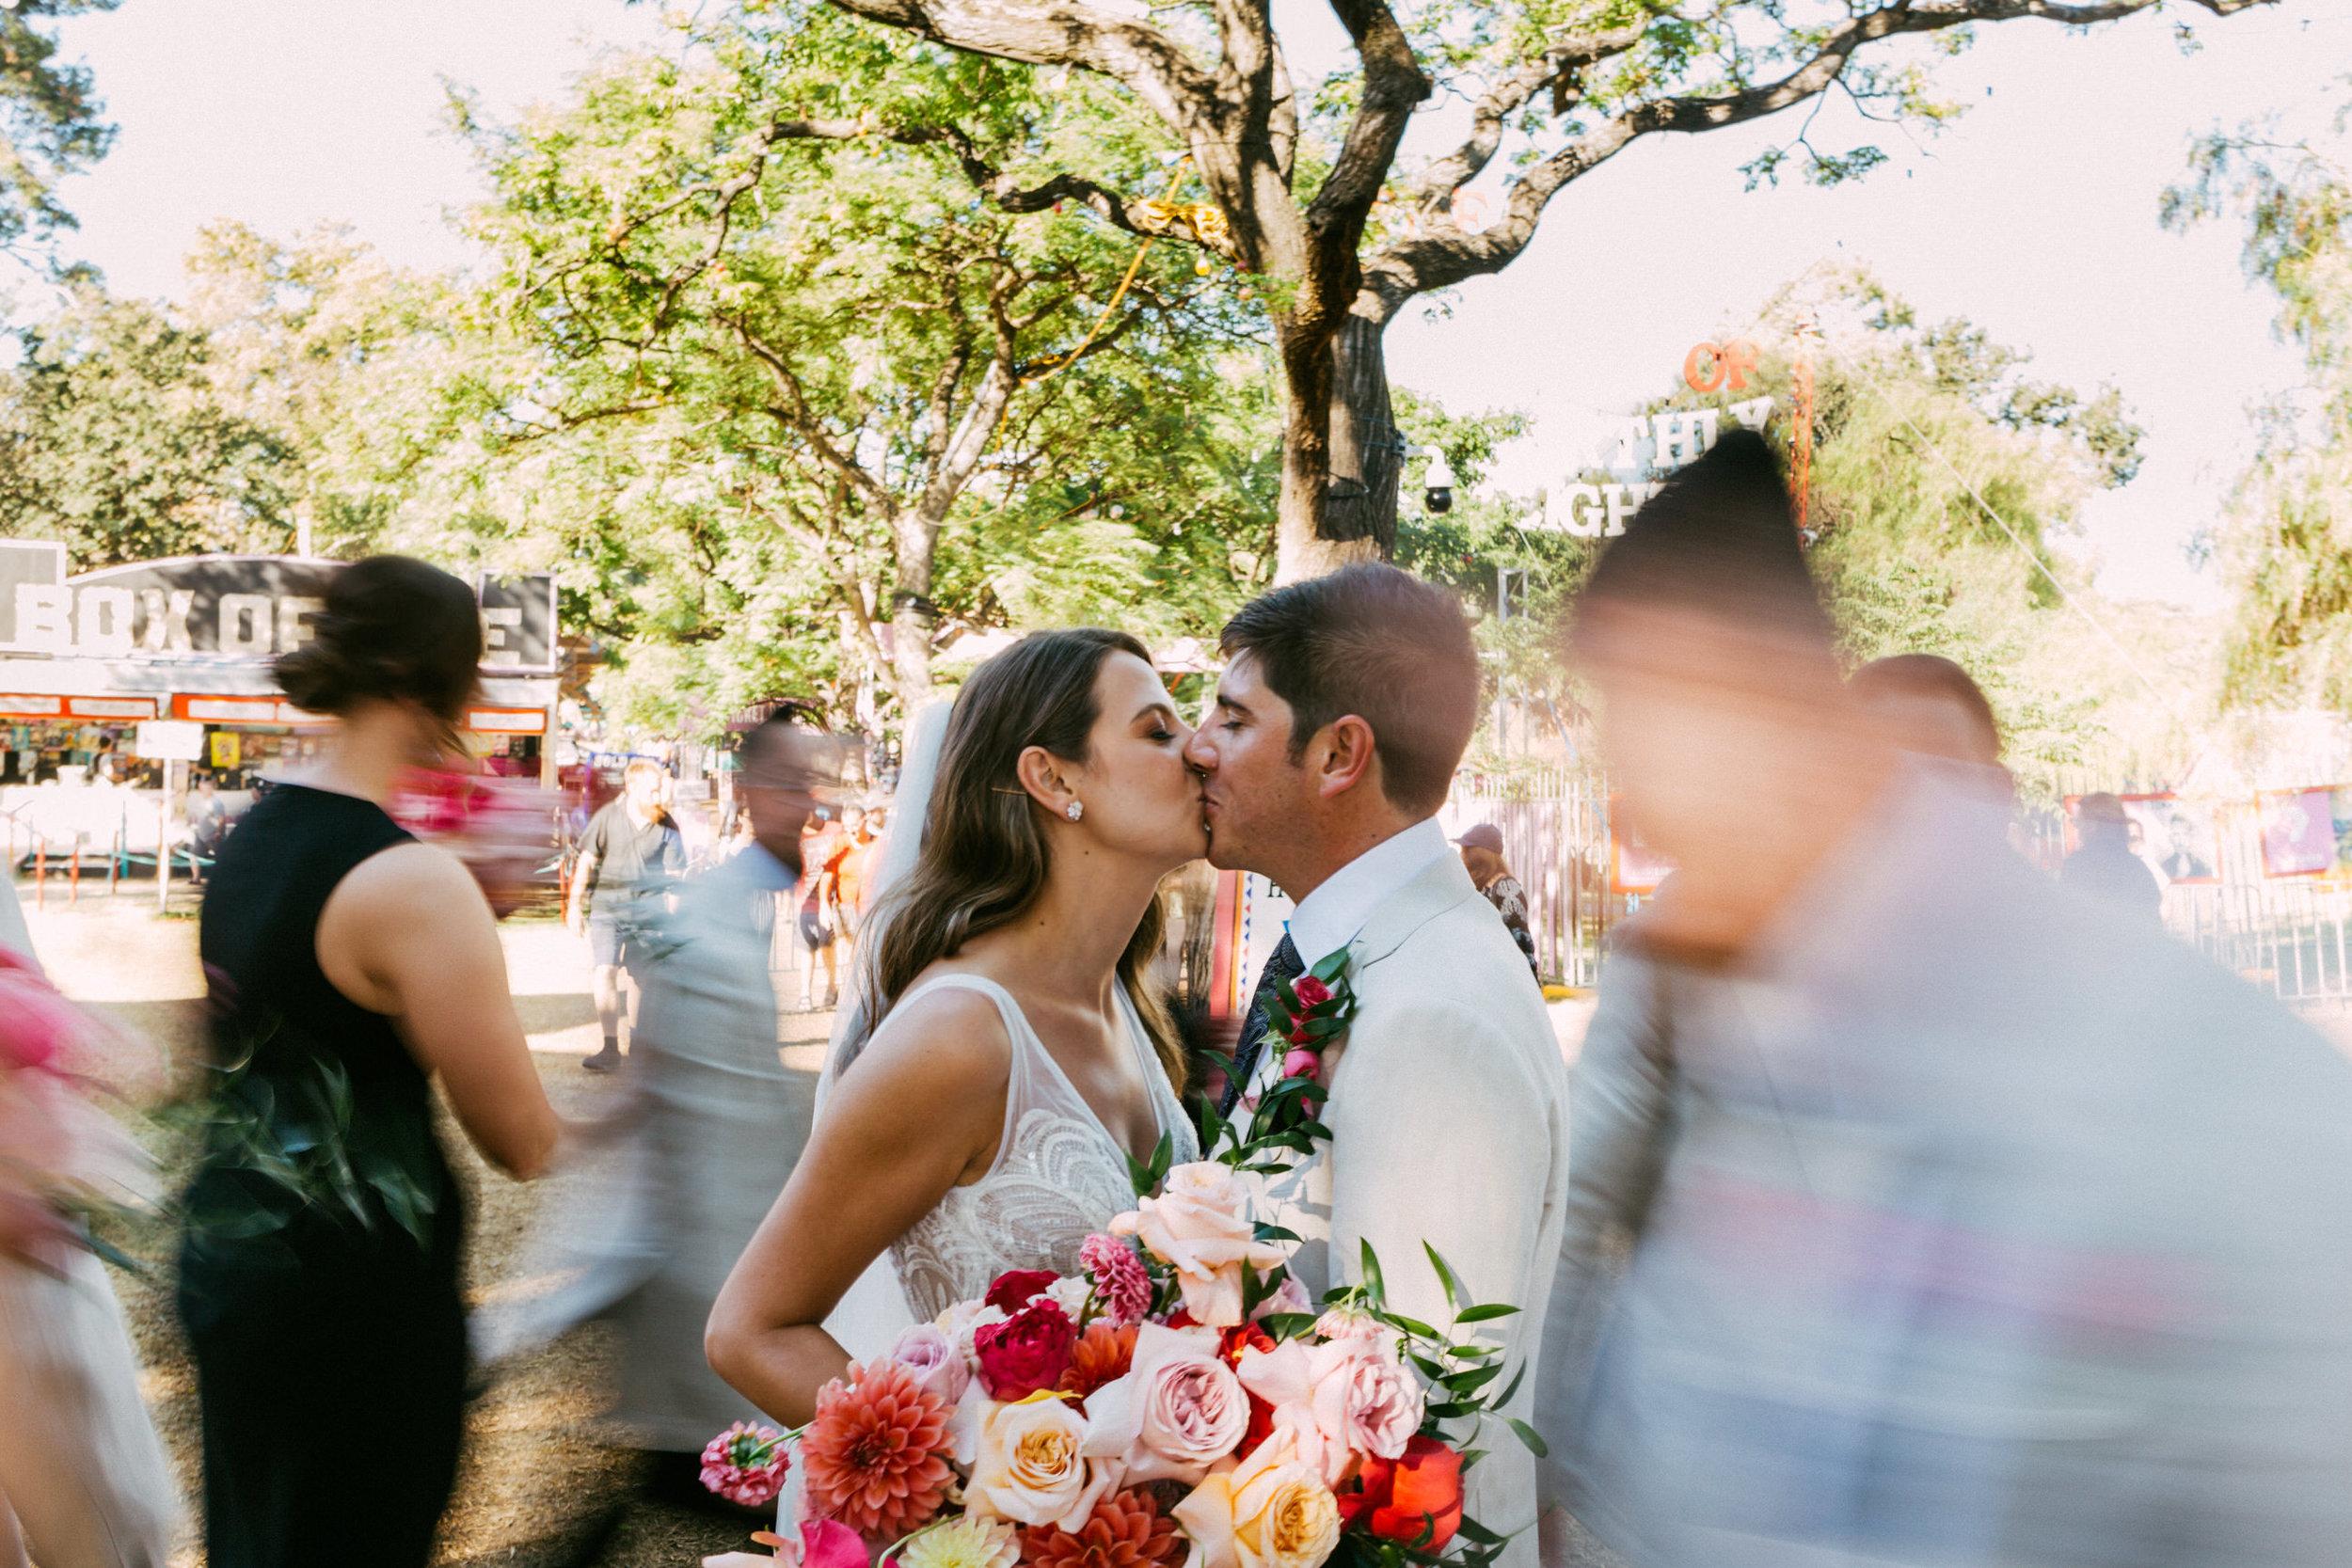 Adelaide City Fringe Garden Unearthly Delight Wedding 068.jpg